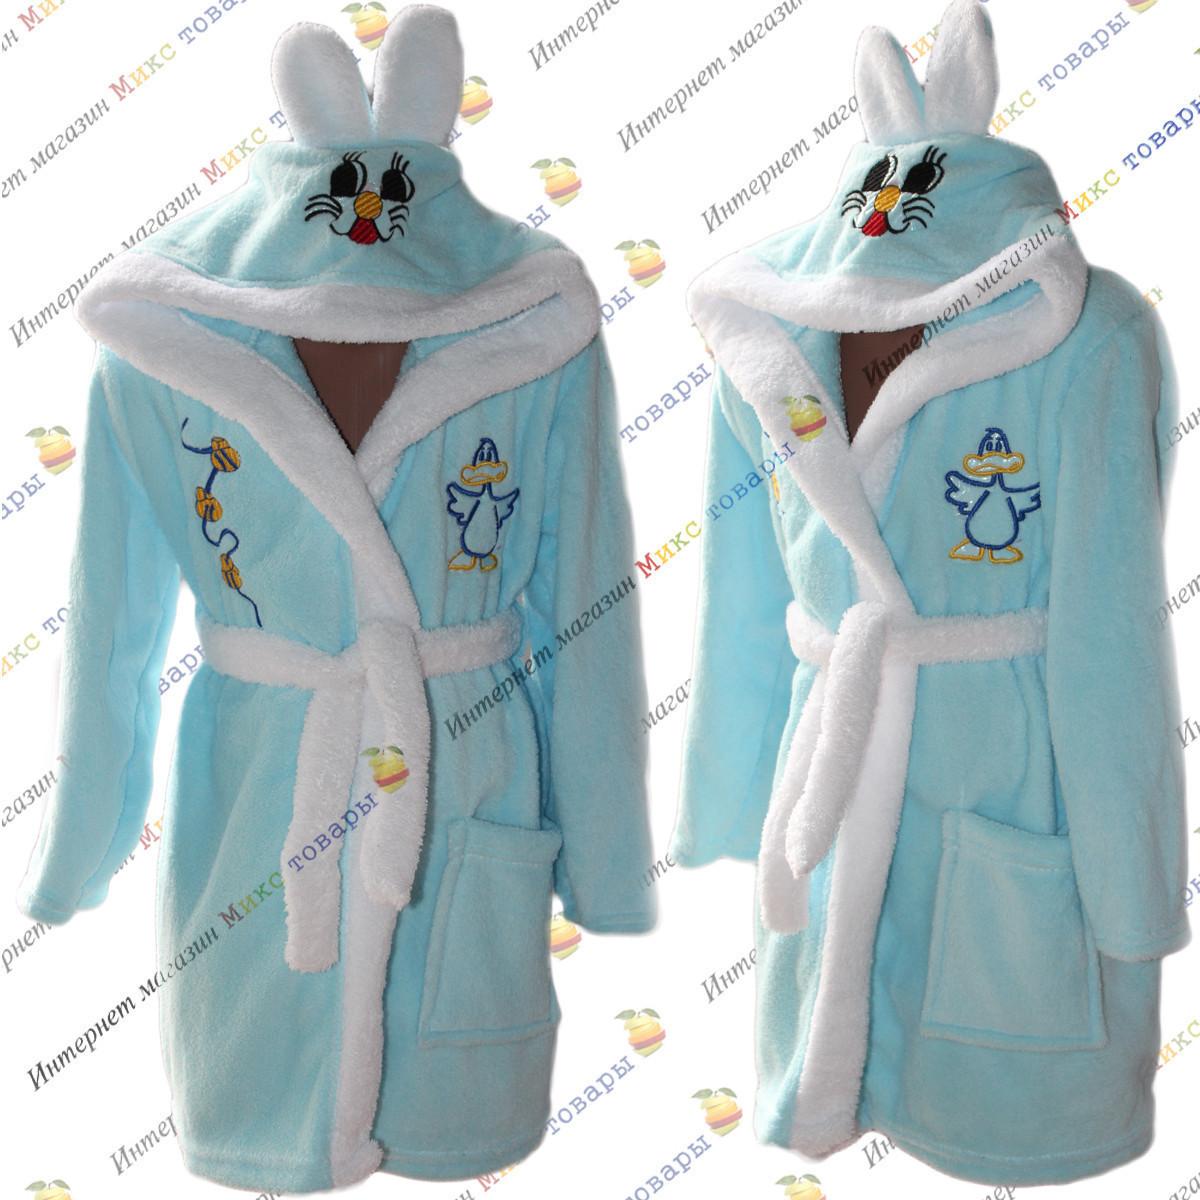 Детские халаты для мальчиков от 1 до 4 лет